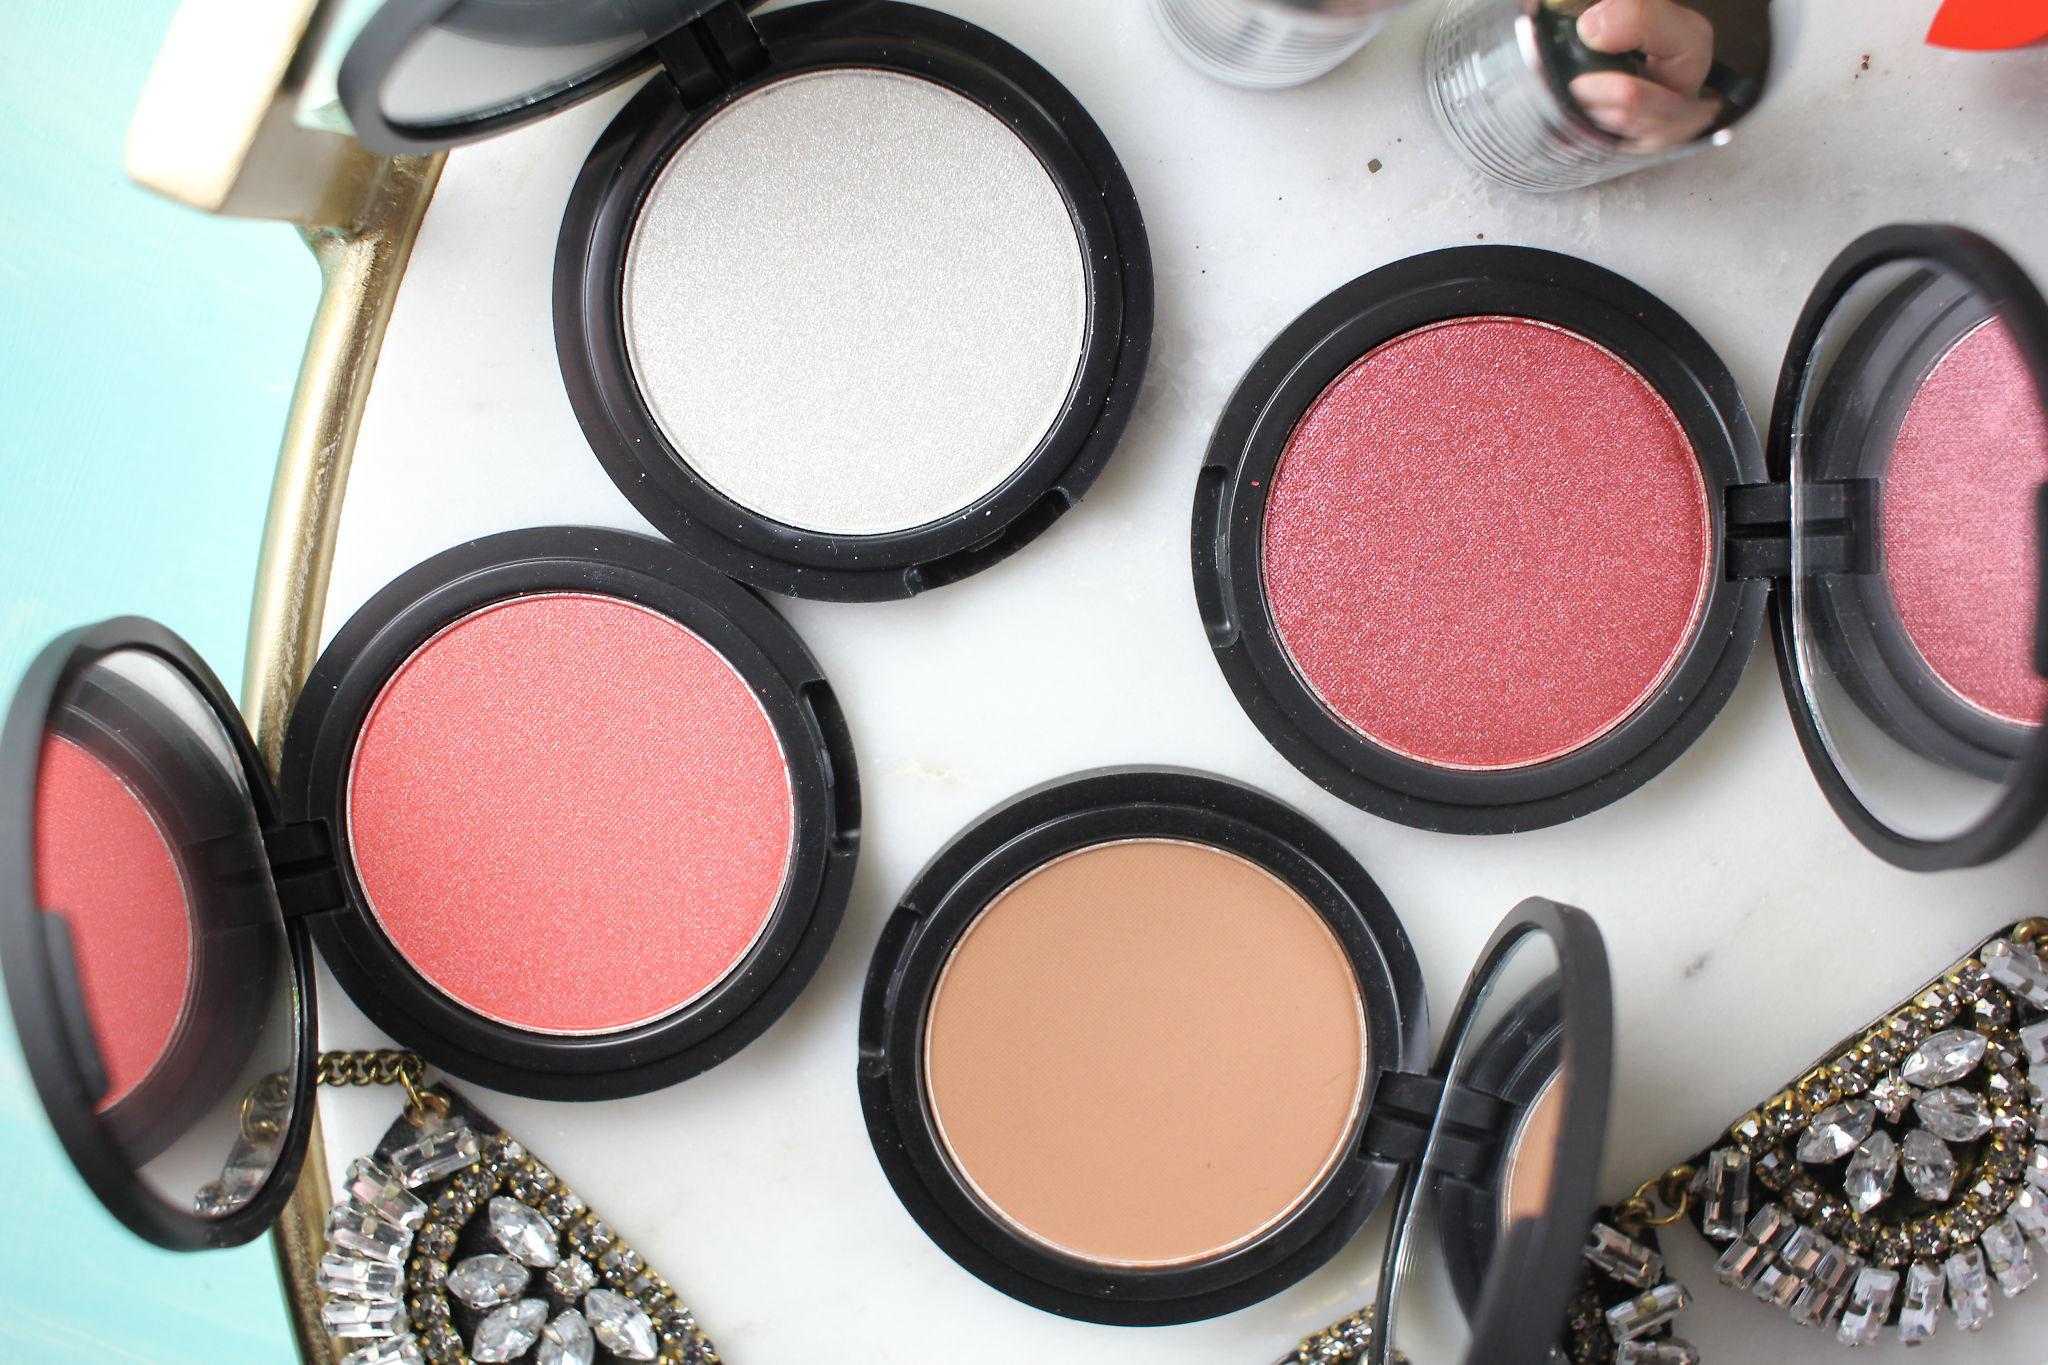 Le Metier De Beaute True Color Eyeshadow